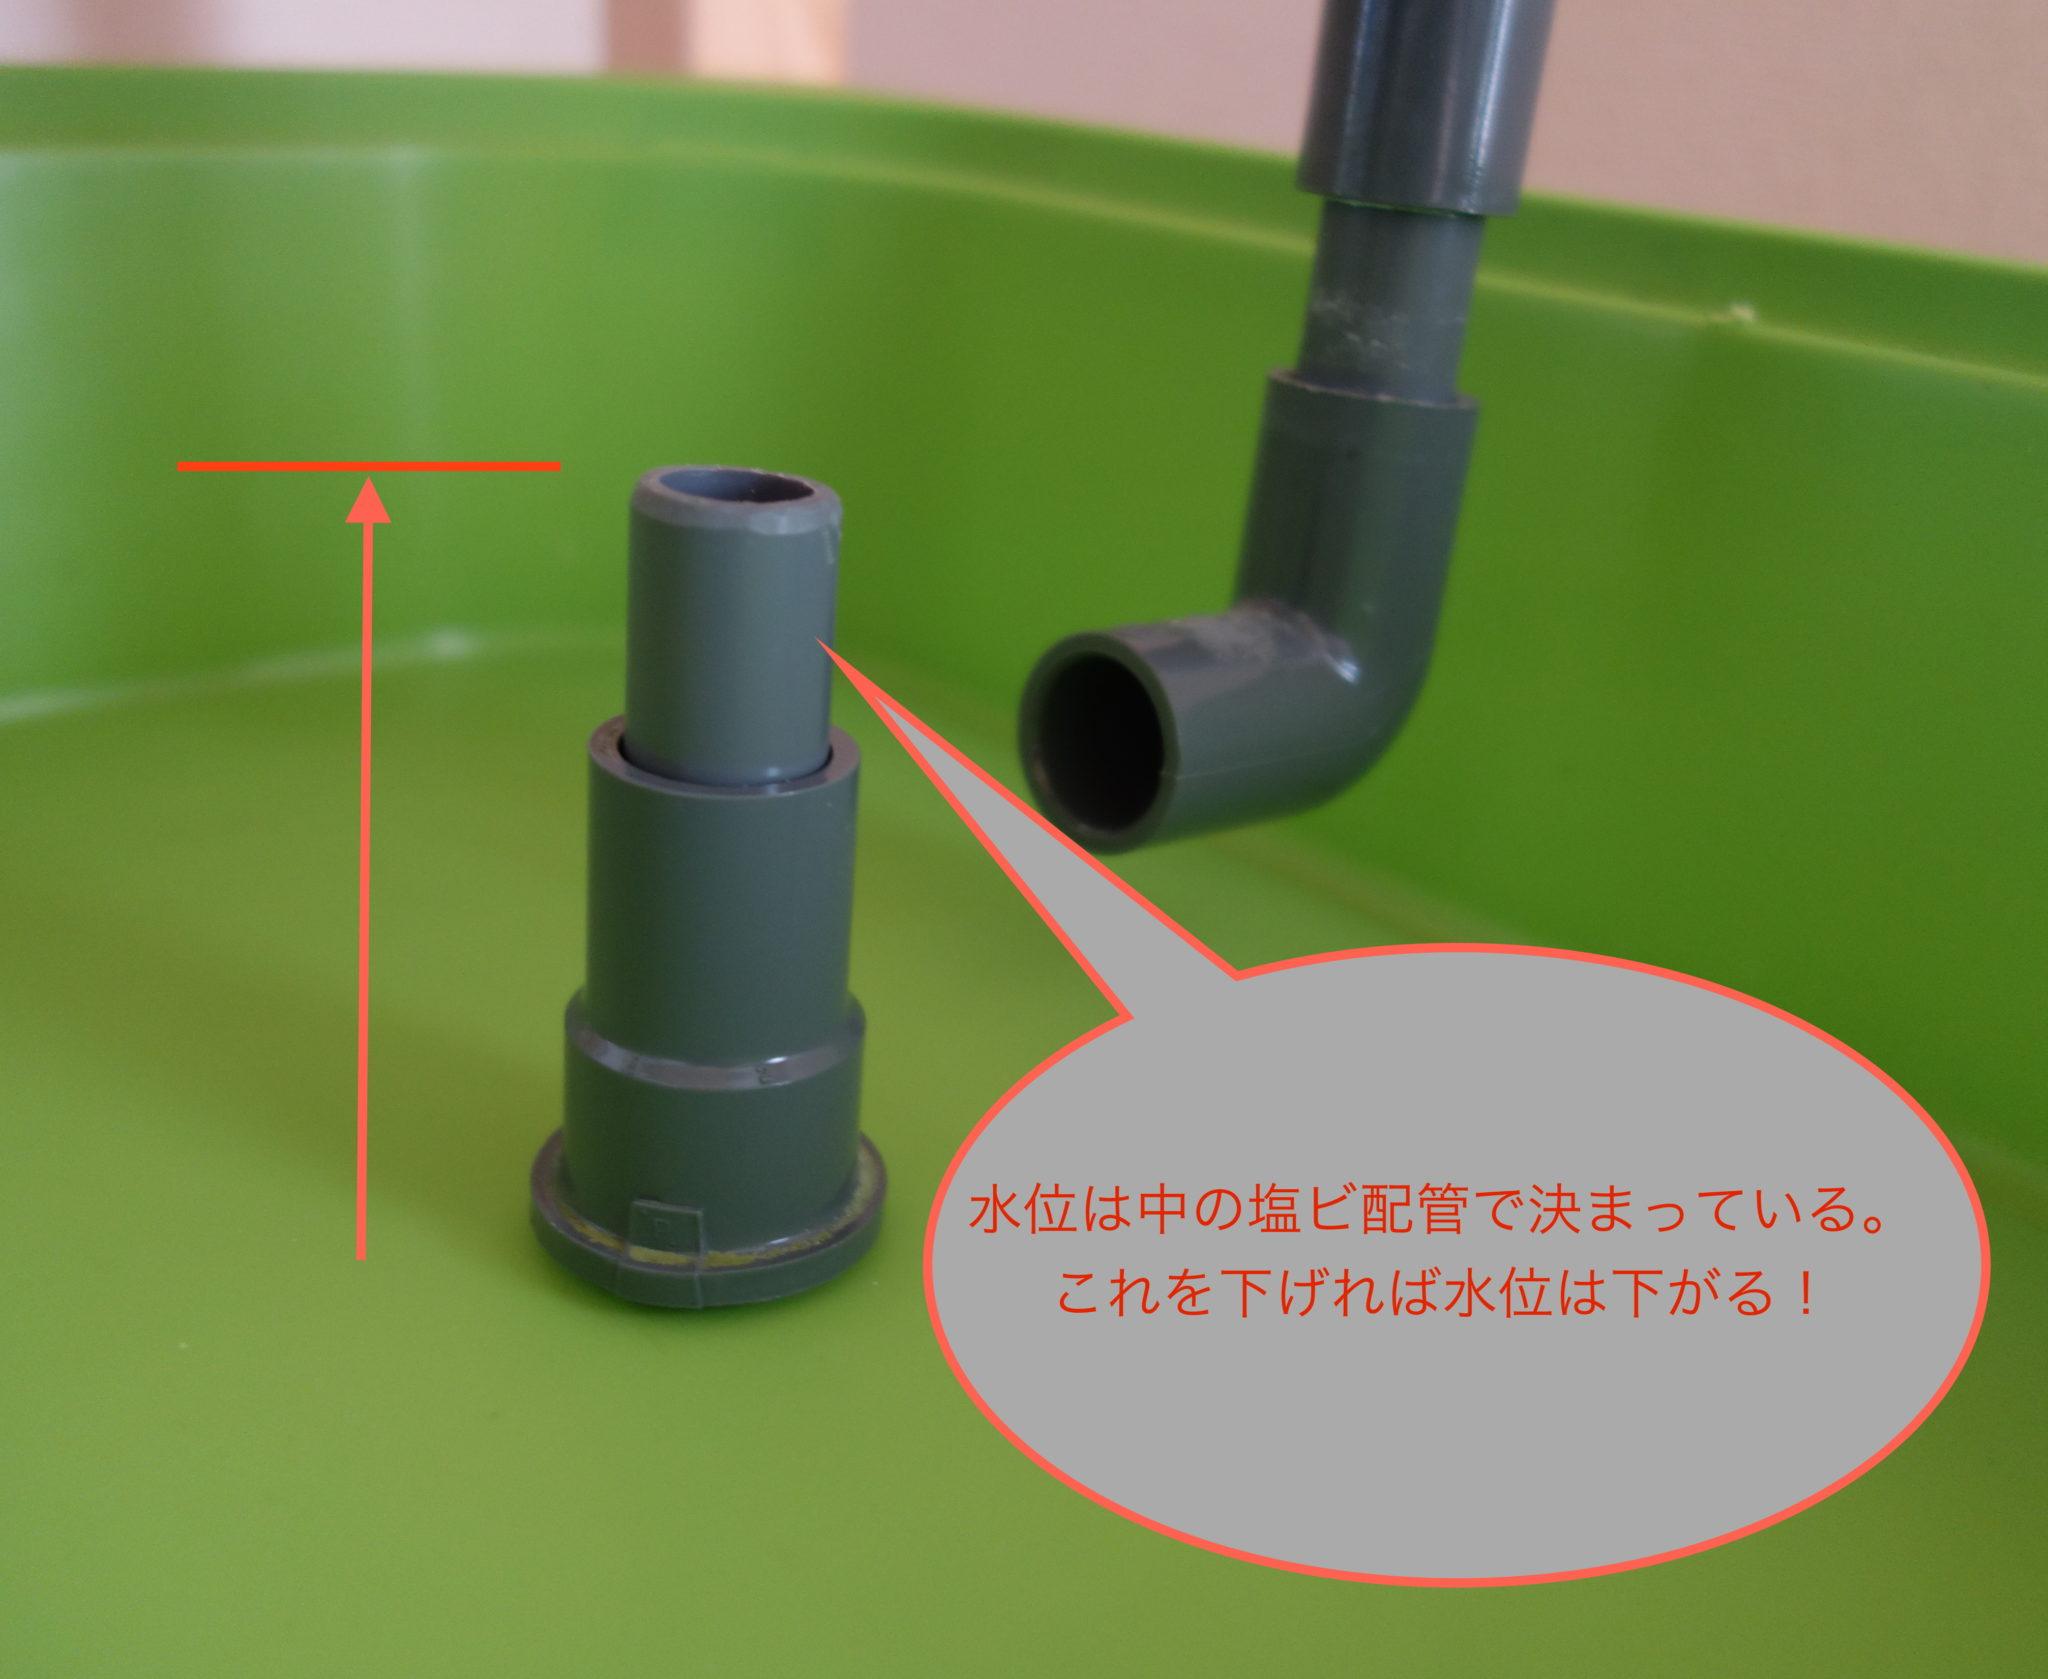 水耕栽培の水位のコントロール。配管を短くしましょう。